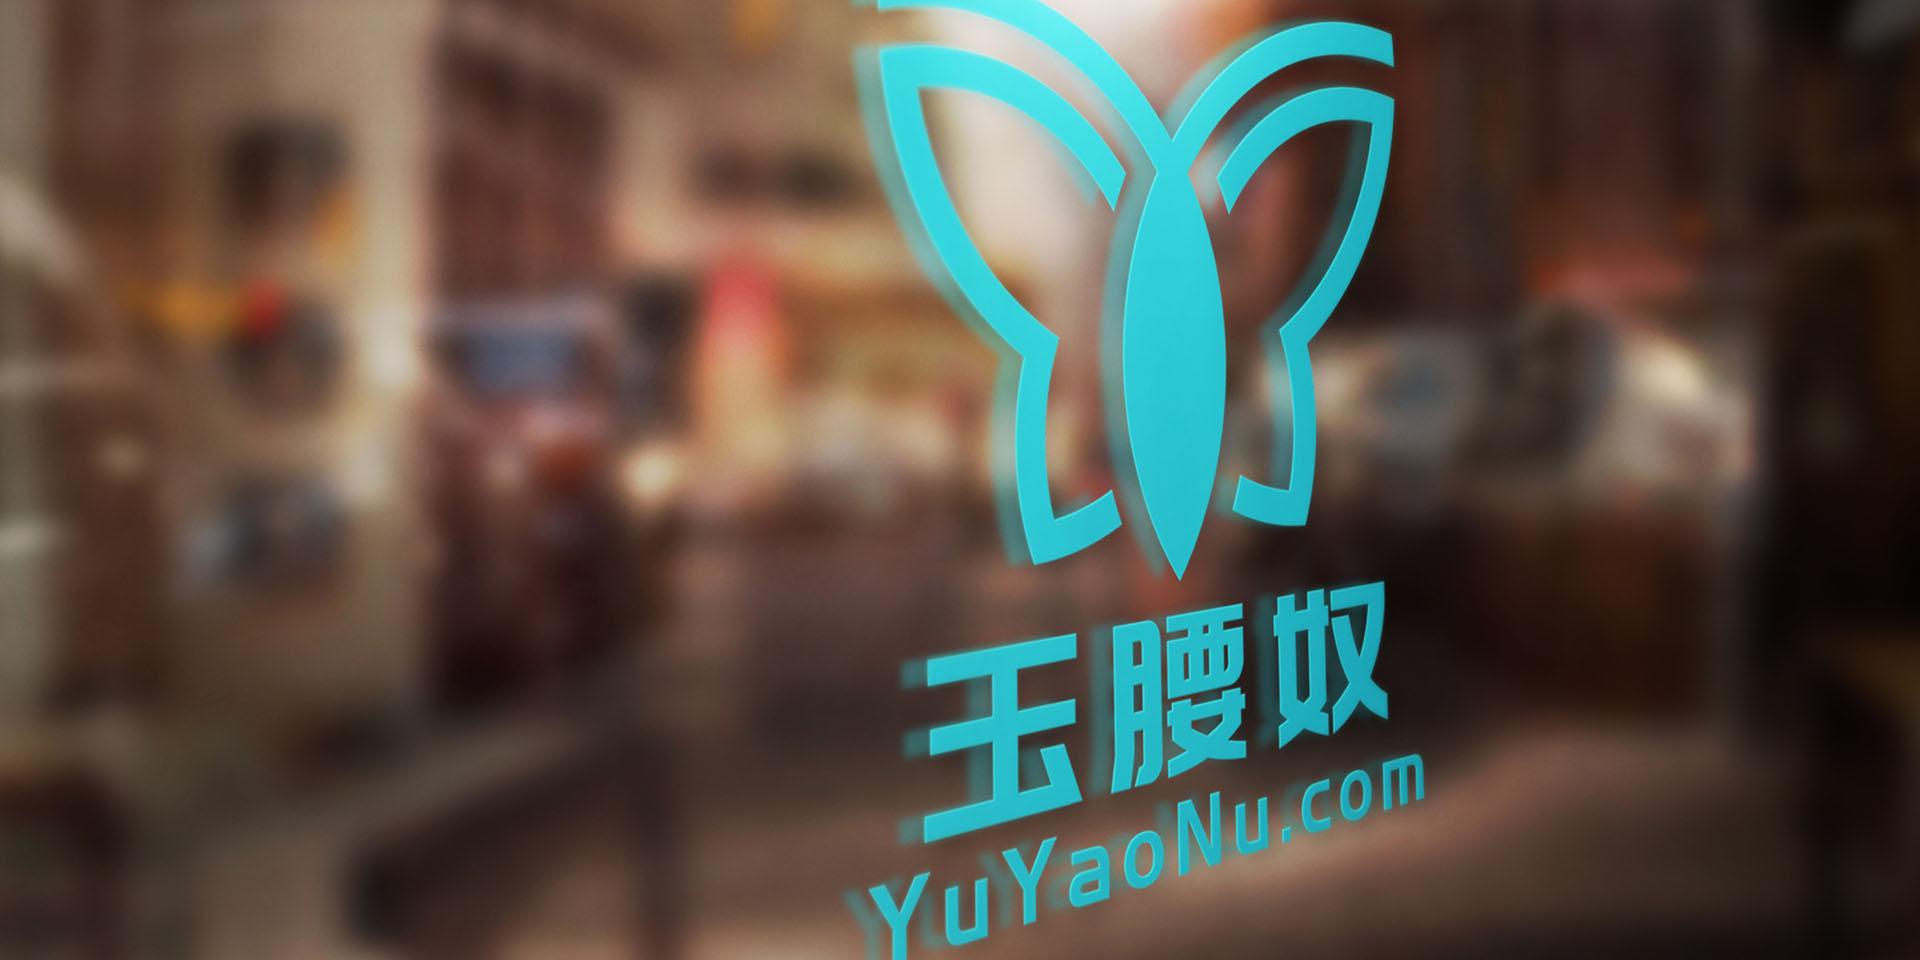 清异录·花贼——玉腰奴 YuYaoNu.com